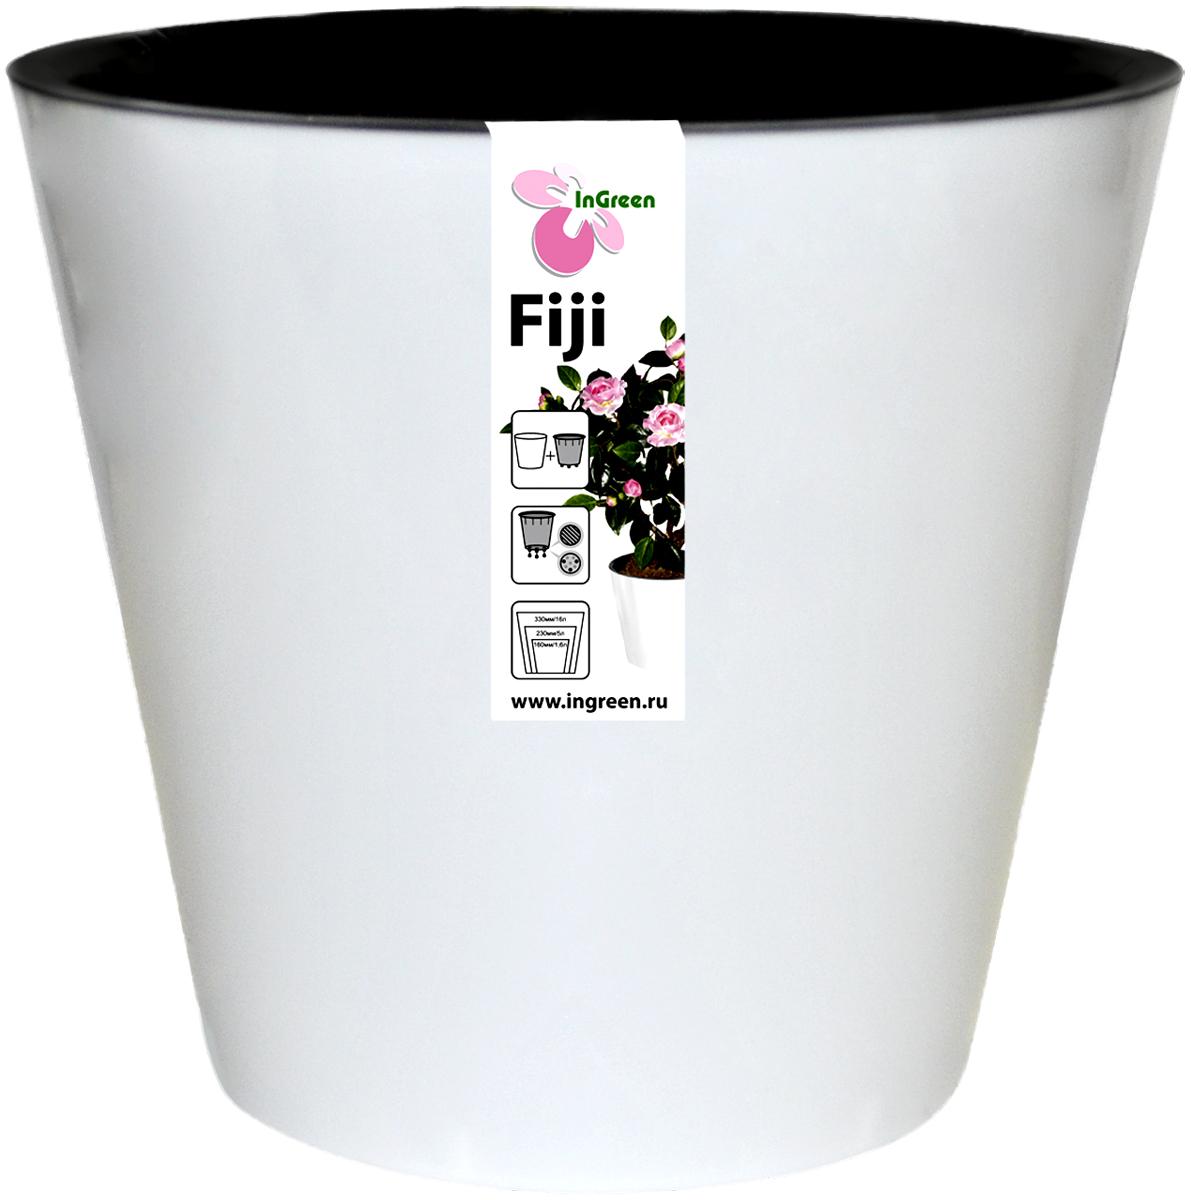 """Горшок для цветов InGreen """"Фиджи"""", с ситемой атополива, цвет: белый, диаметр 16 см"""